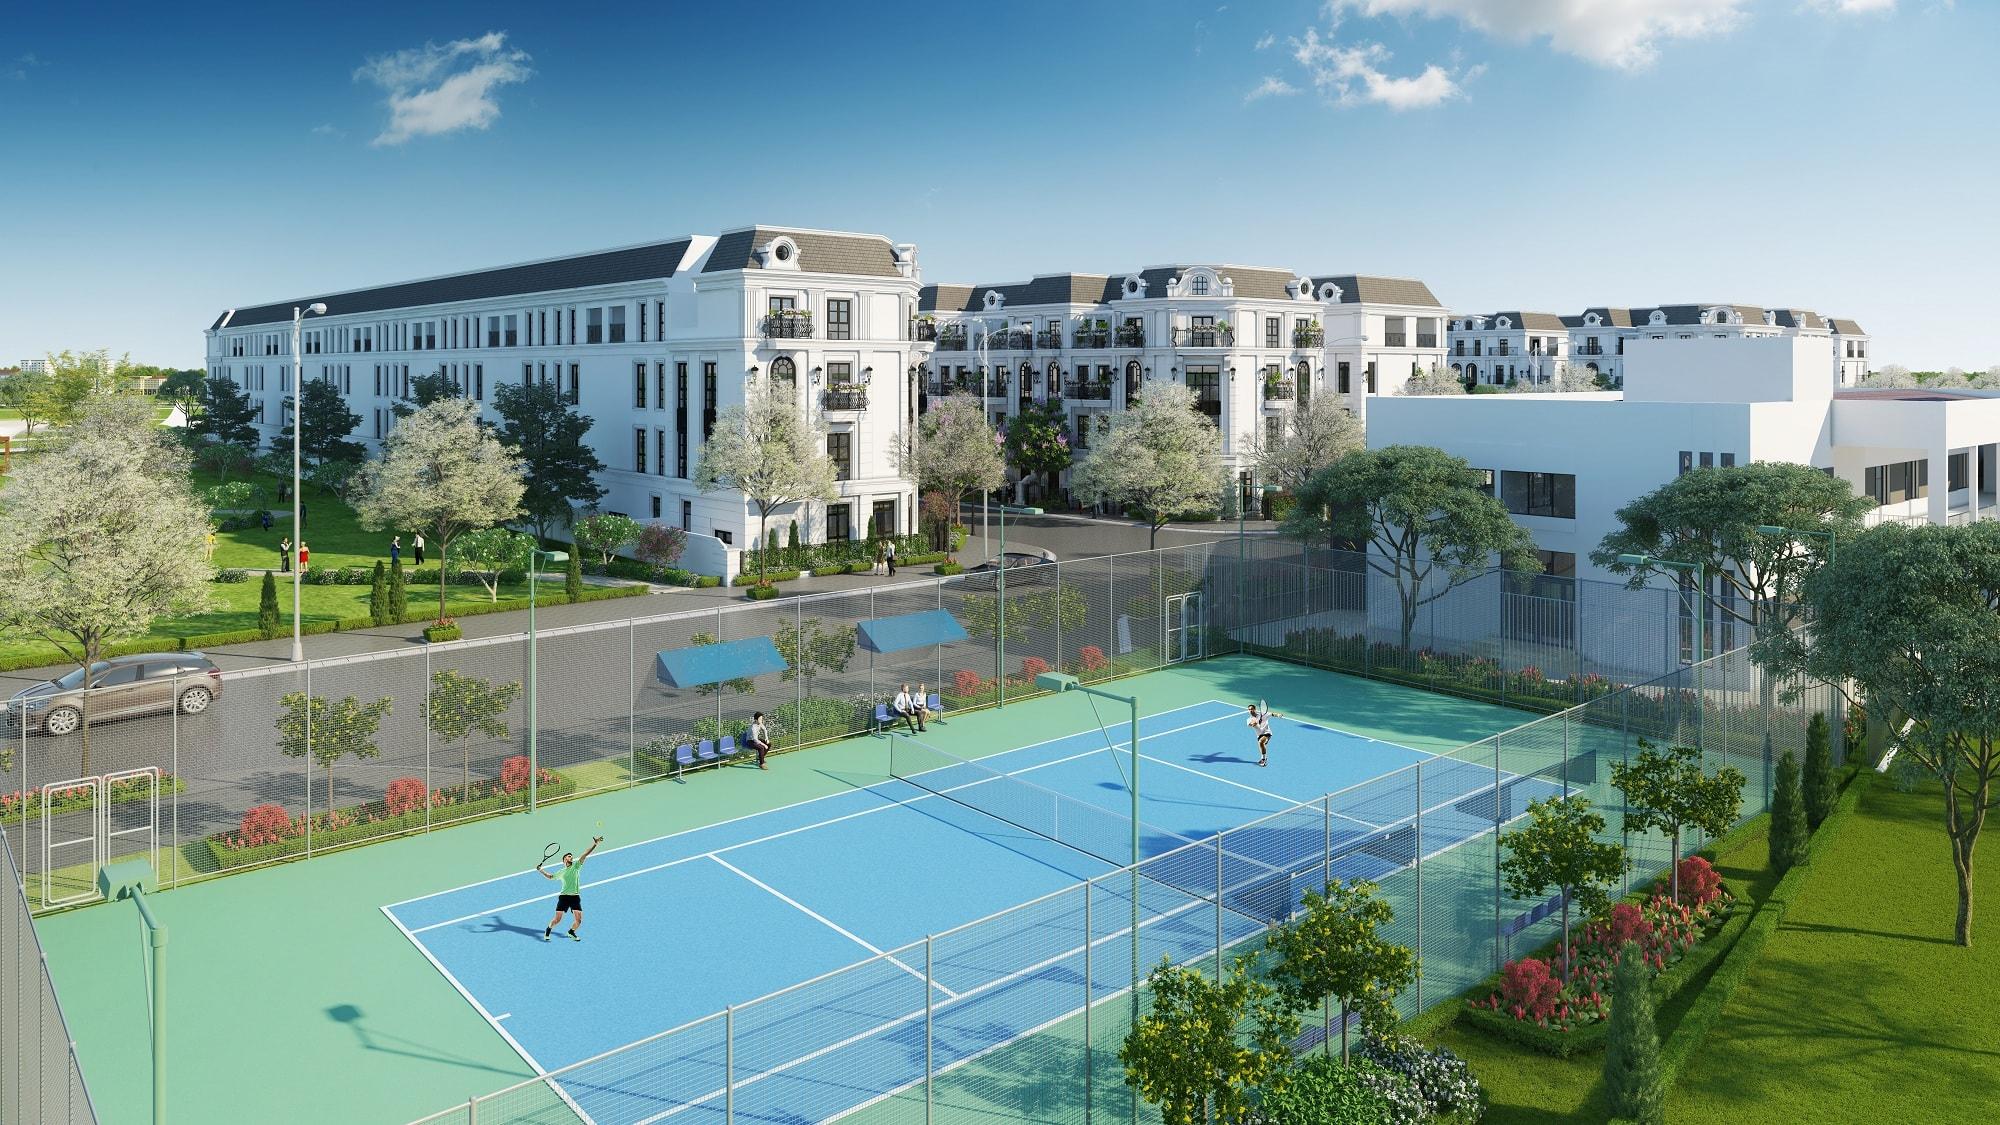 Tien ich tennis 02-min